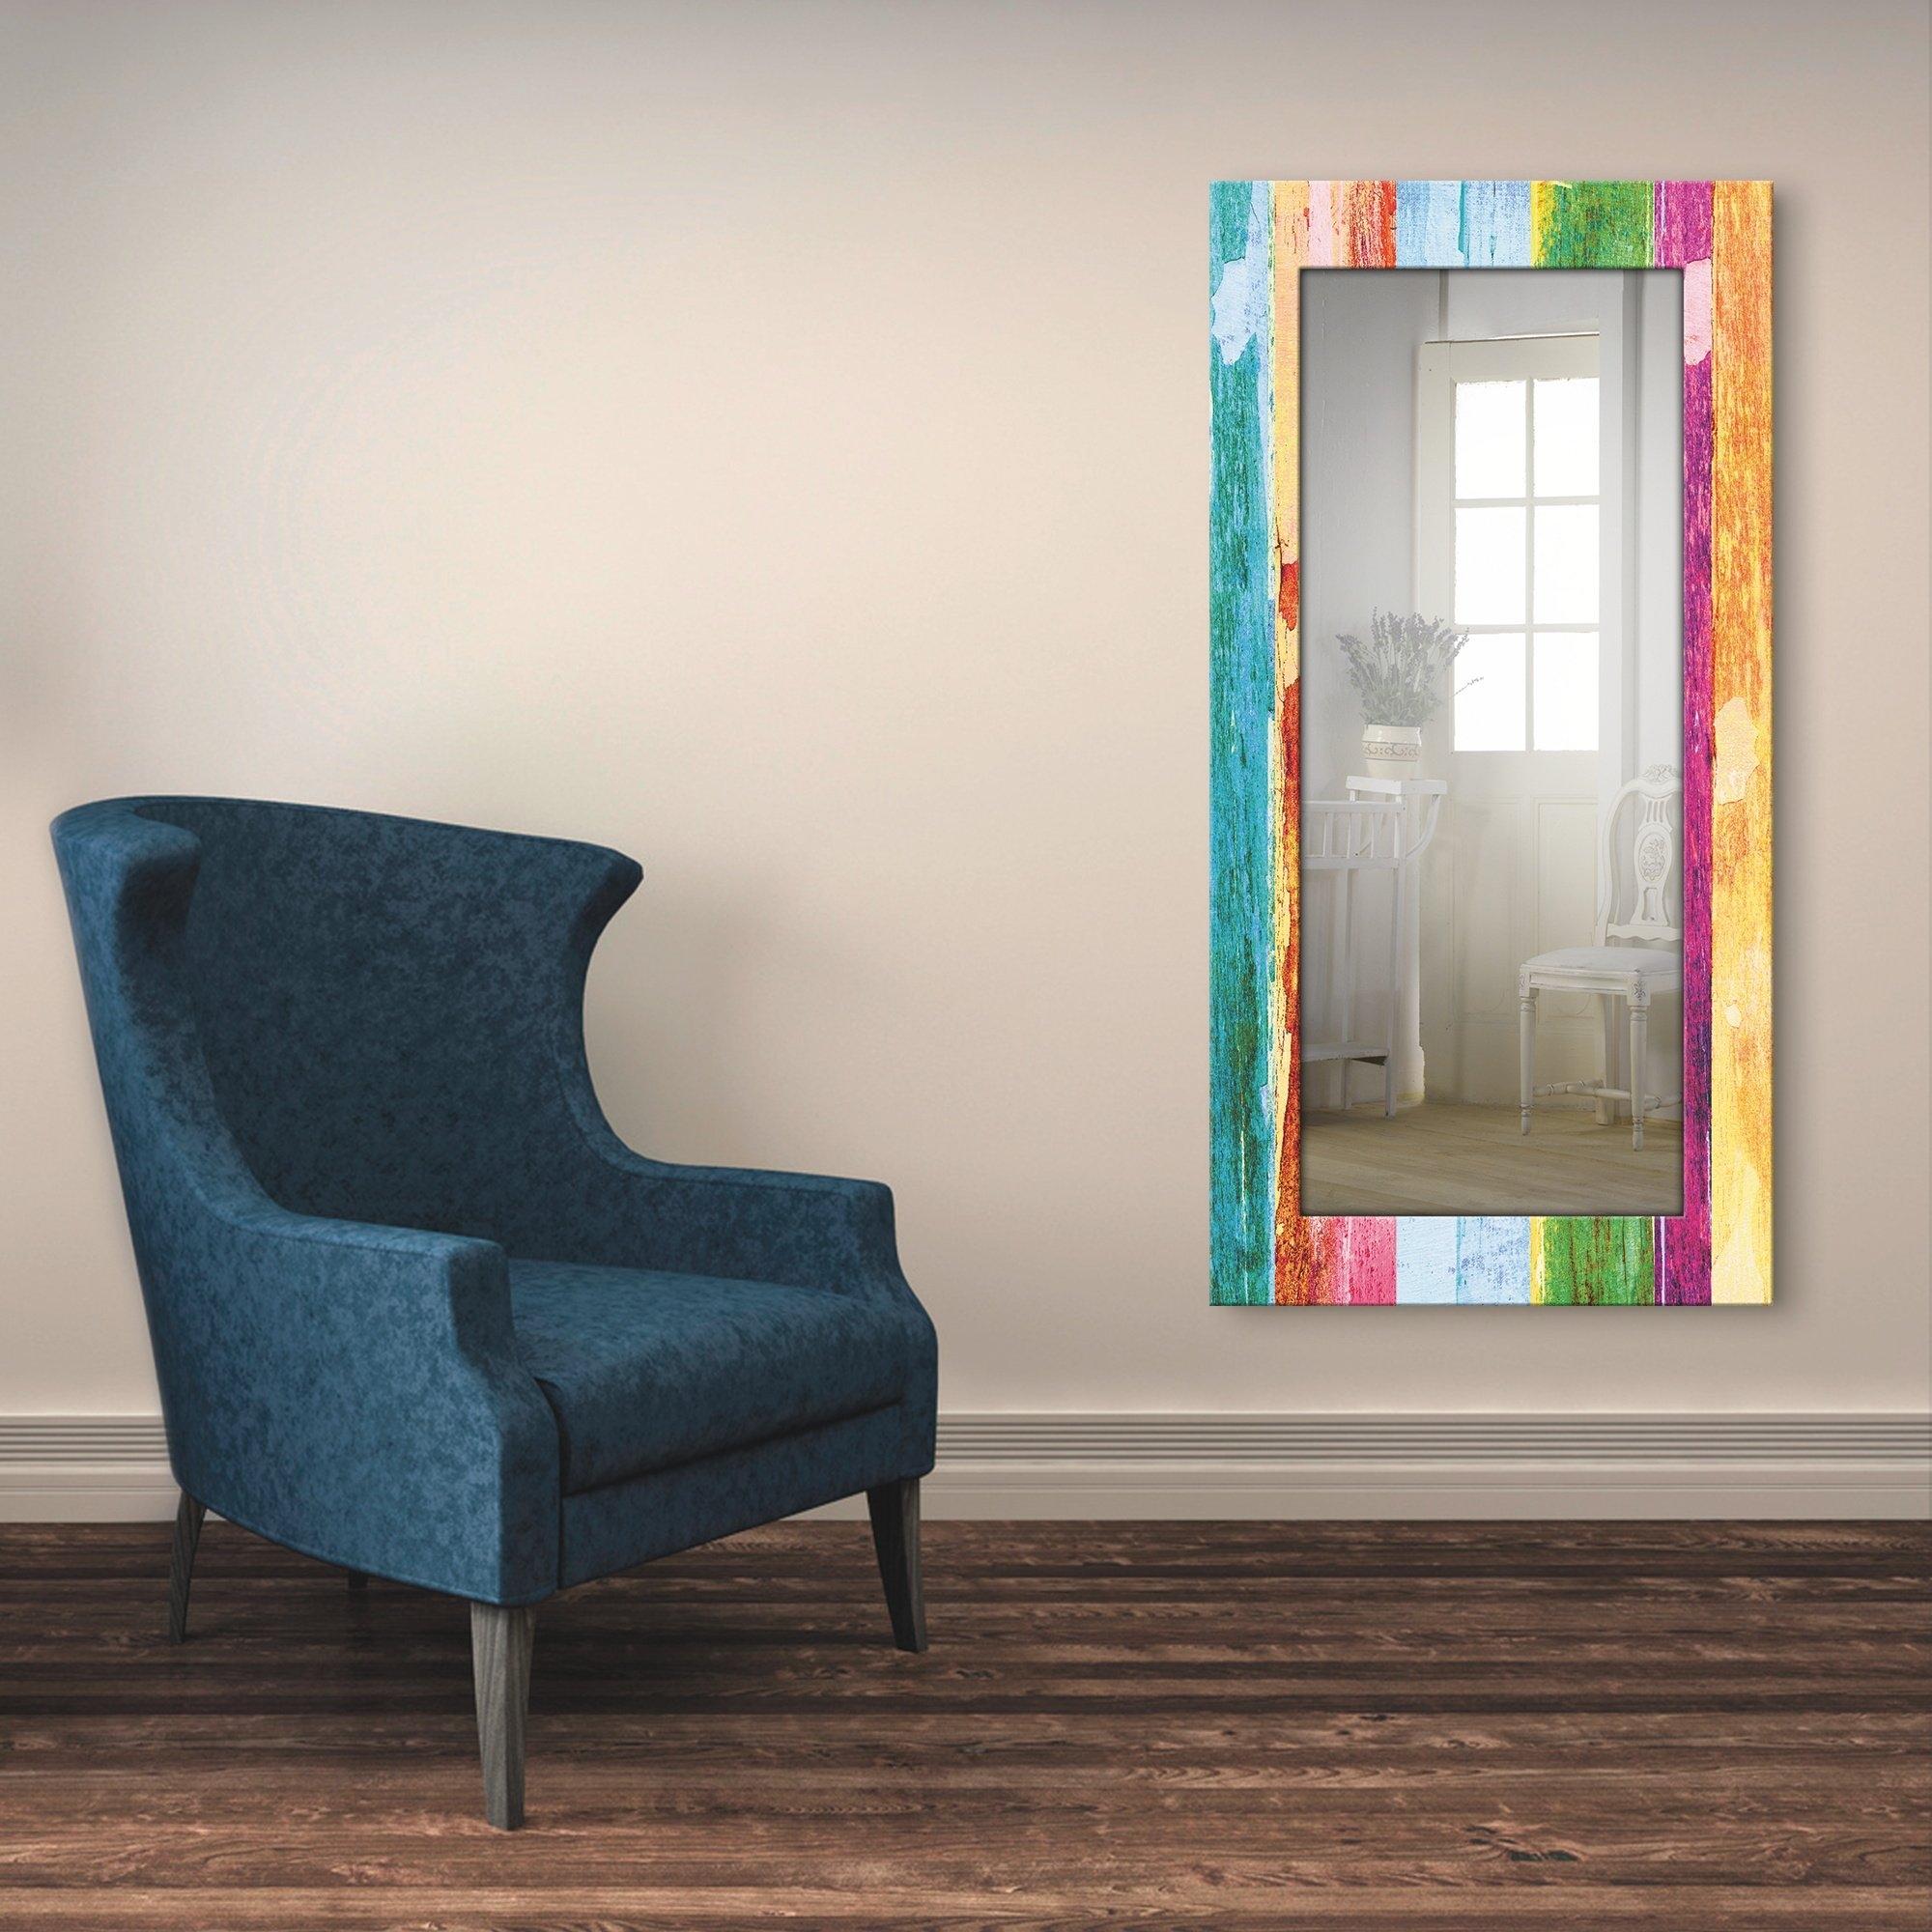 Artland wandspiegel Neem je tijd ingelijste spiegel voor het hele lichaam met motiefrand, geschikt voor kleine, smalle hal, halspiegel, mirror spiegel omrand om op te hangen online kopen op otto.nl